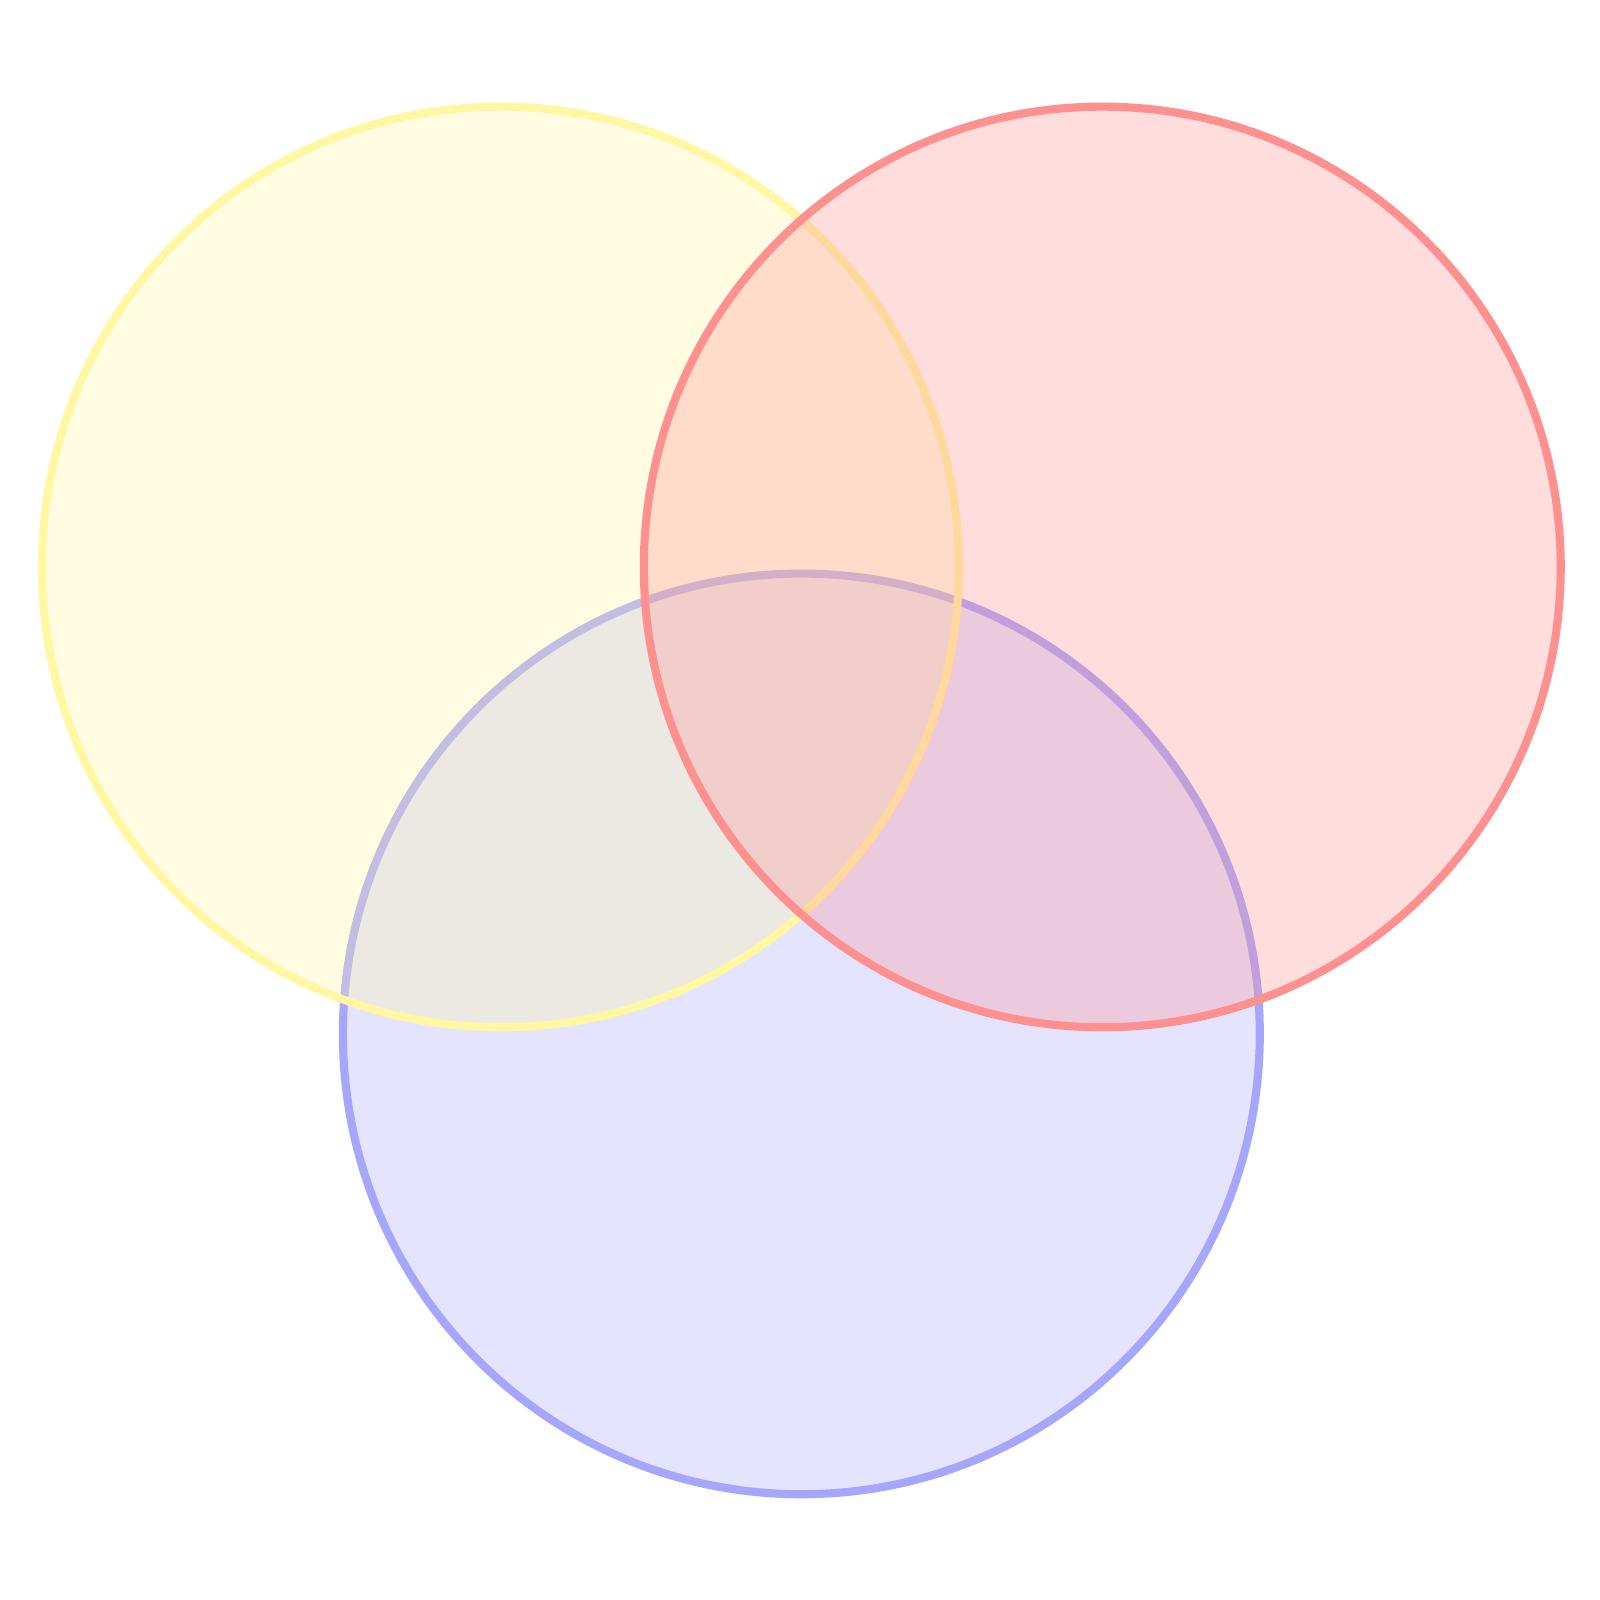 modello di diagramma di venn a 3 cerchi